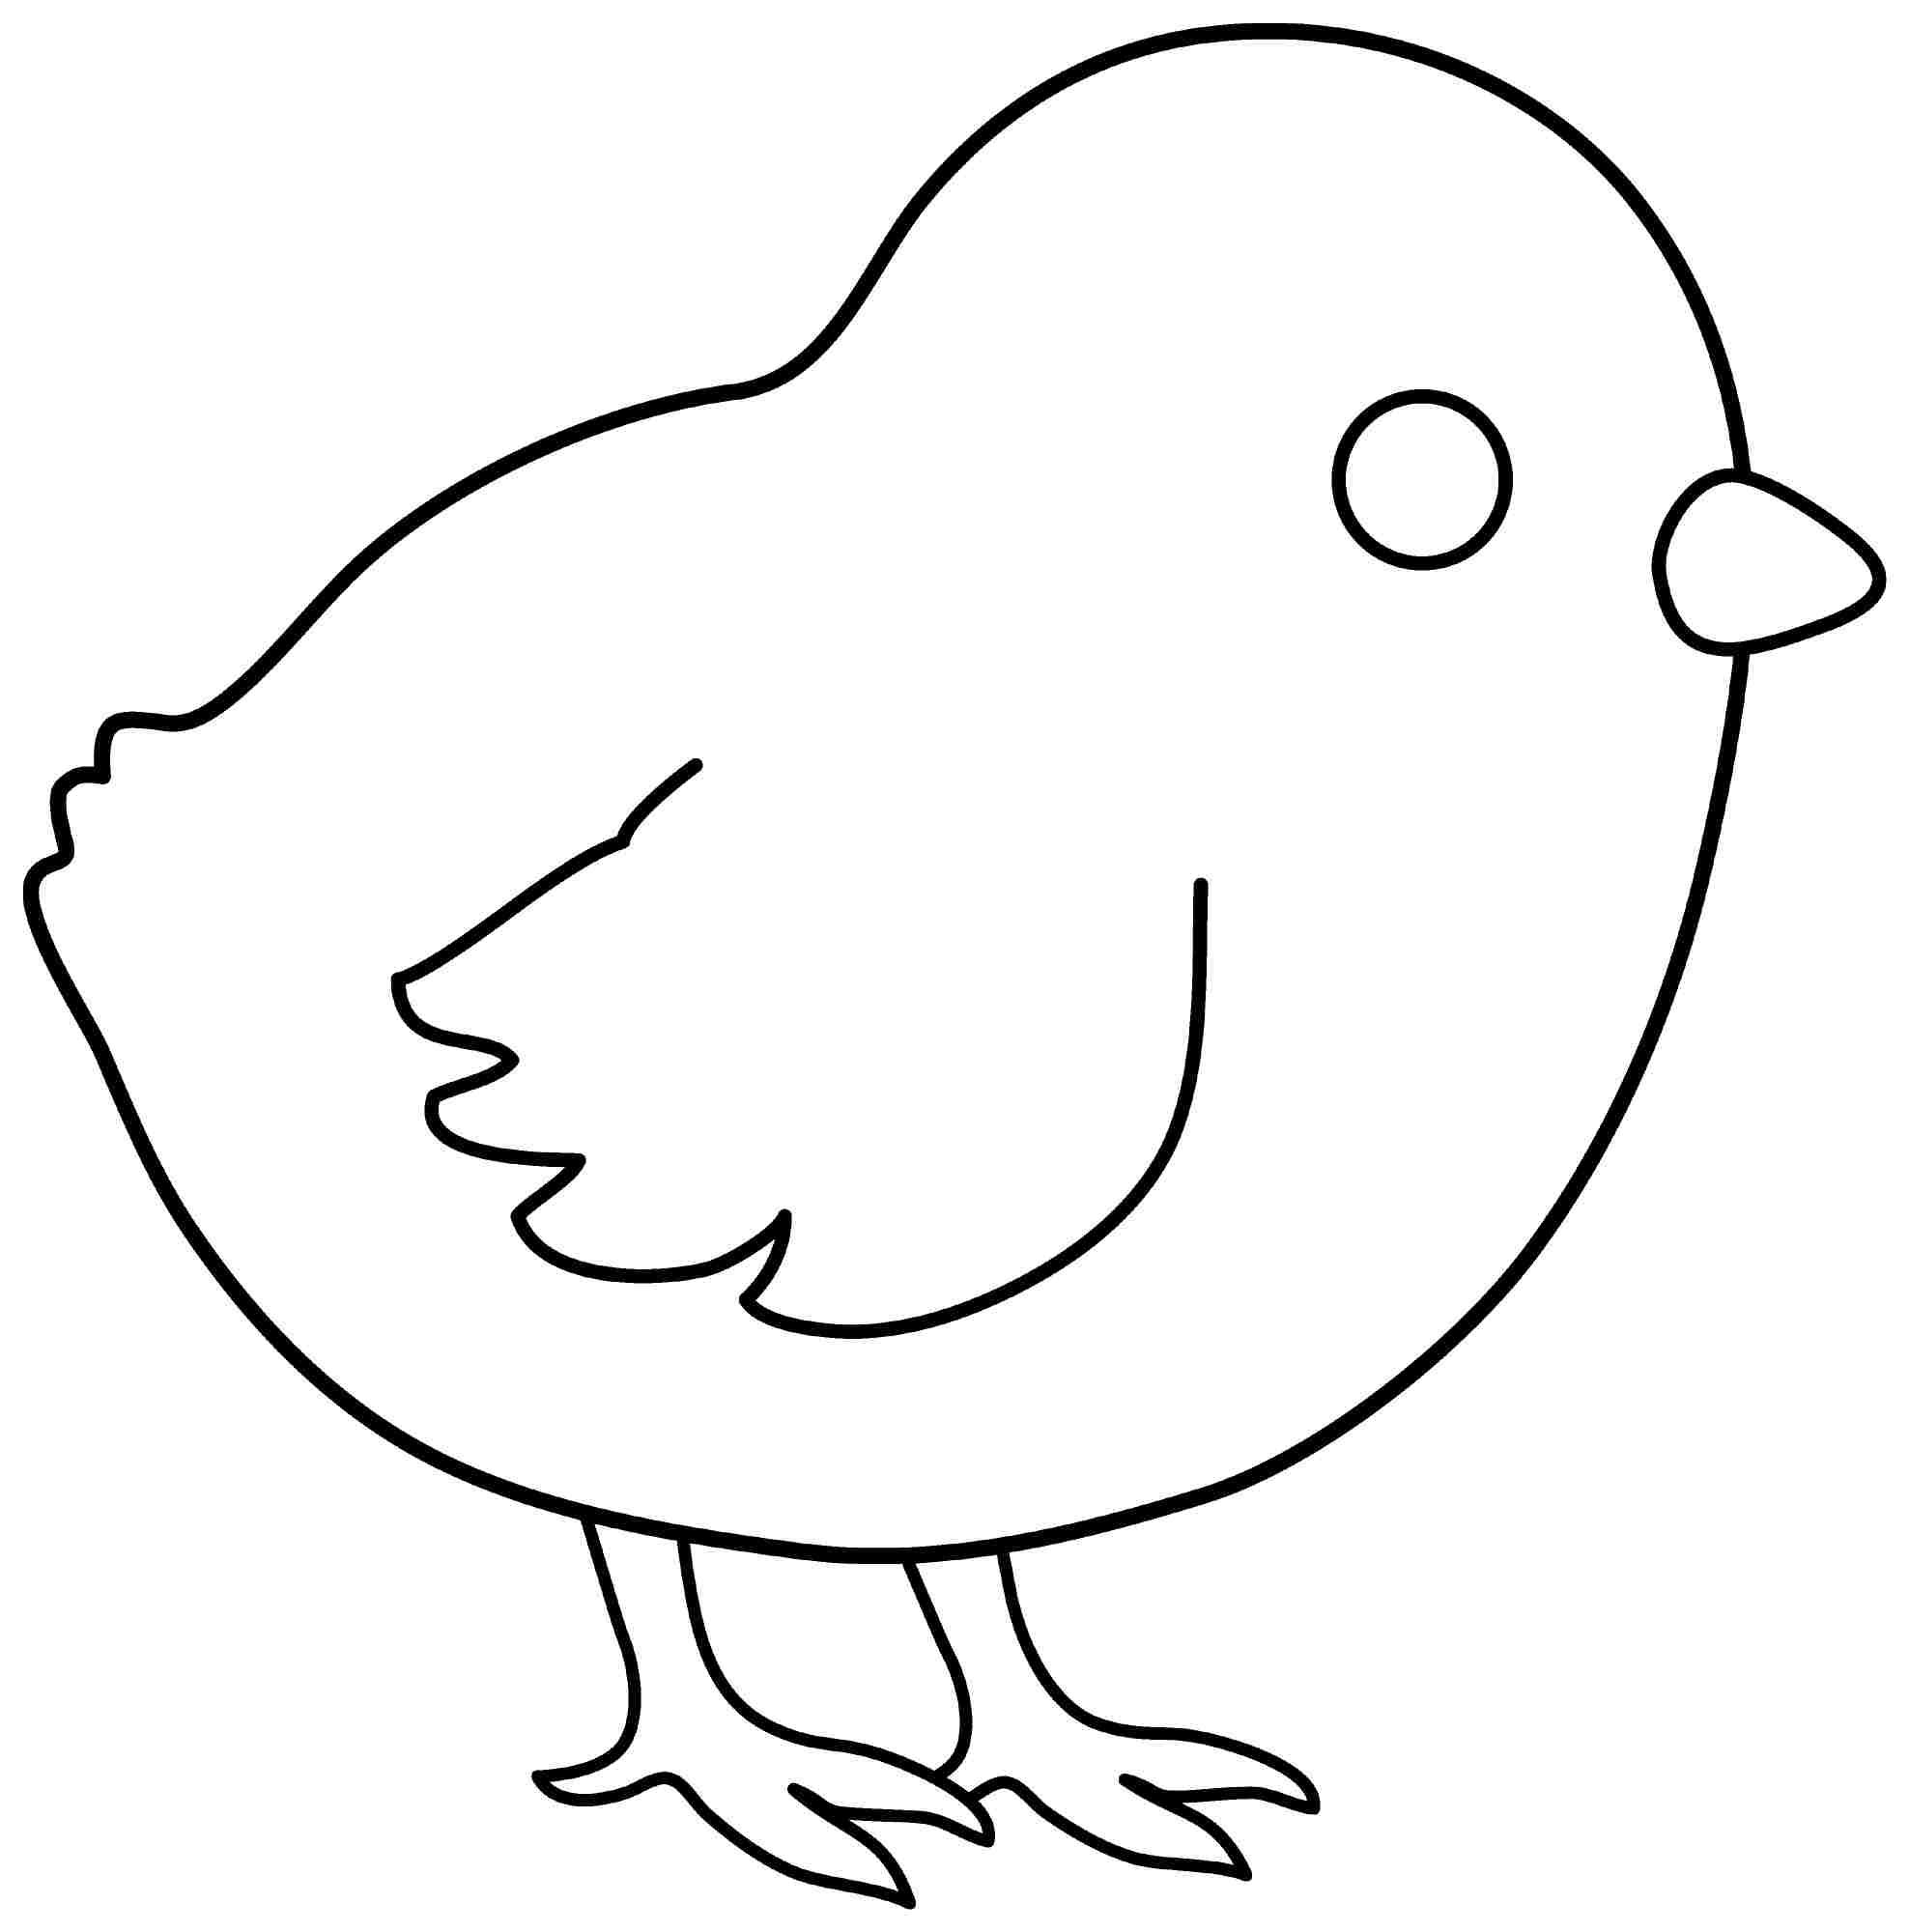 Chicken Outline